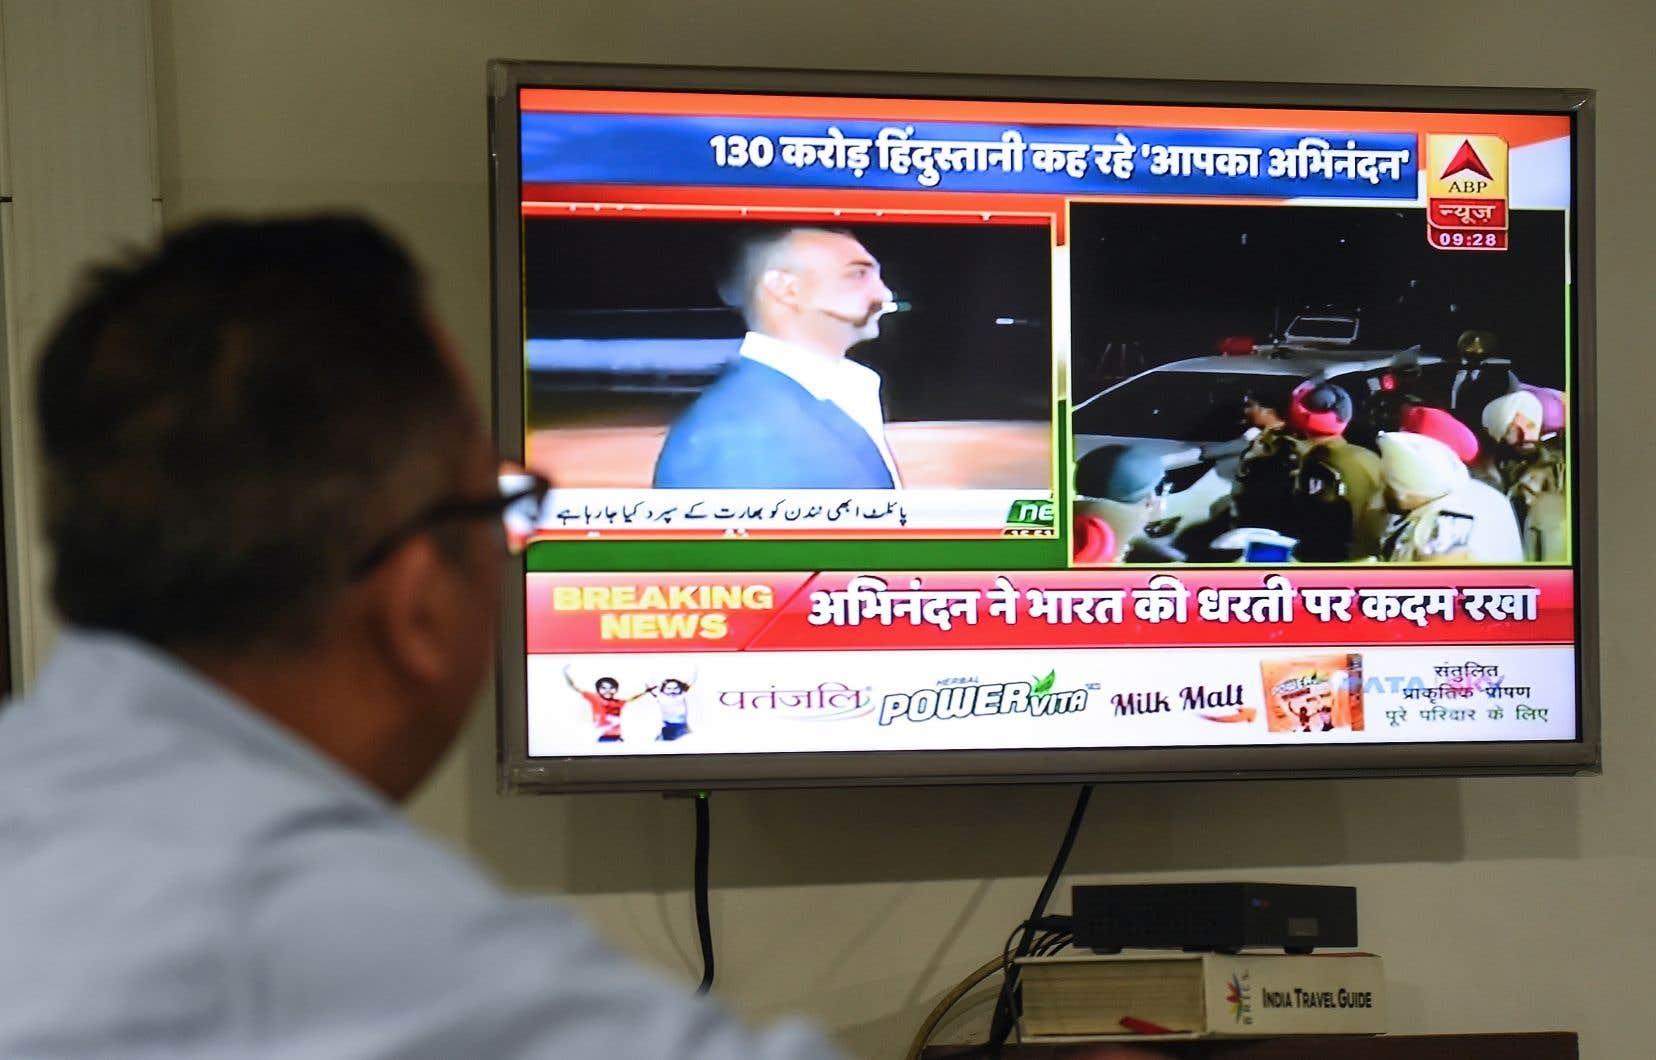 Le lieutenant-colonel Abhinandan Varthaman est de retour en sol indien, selon des images retransmises en direct à la télévision.